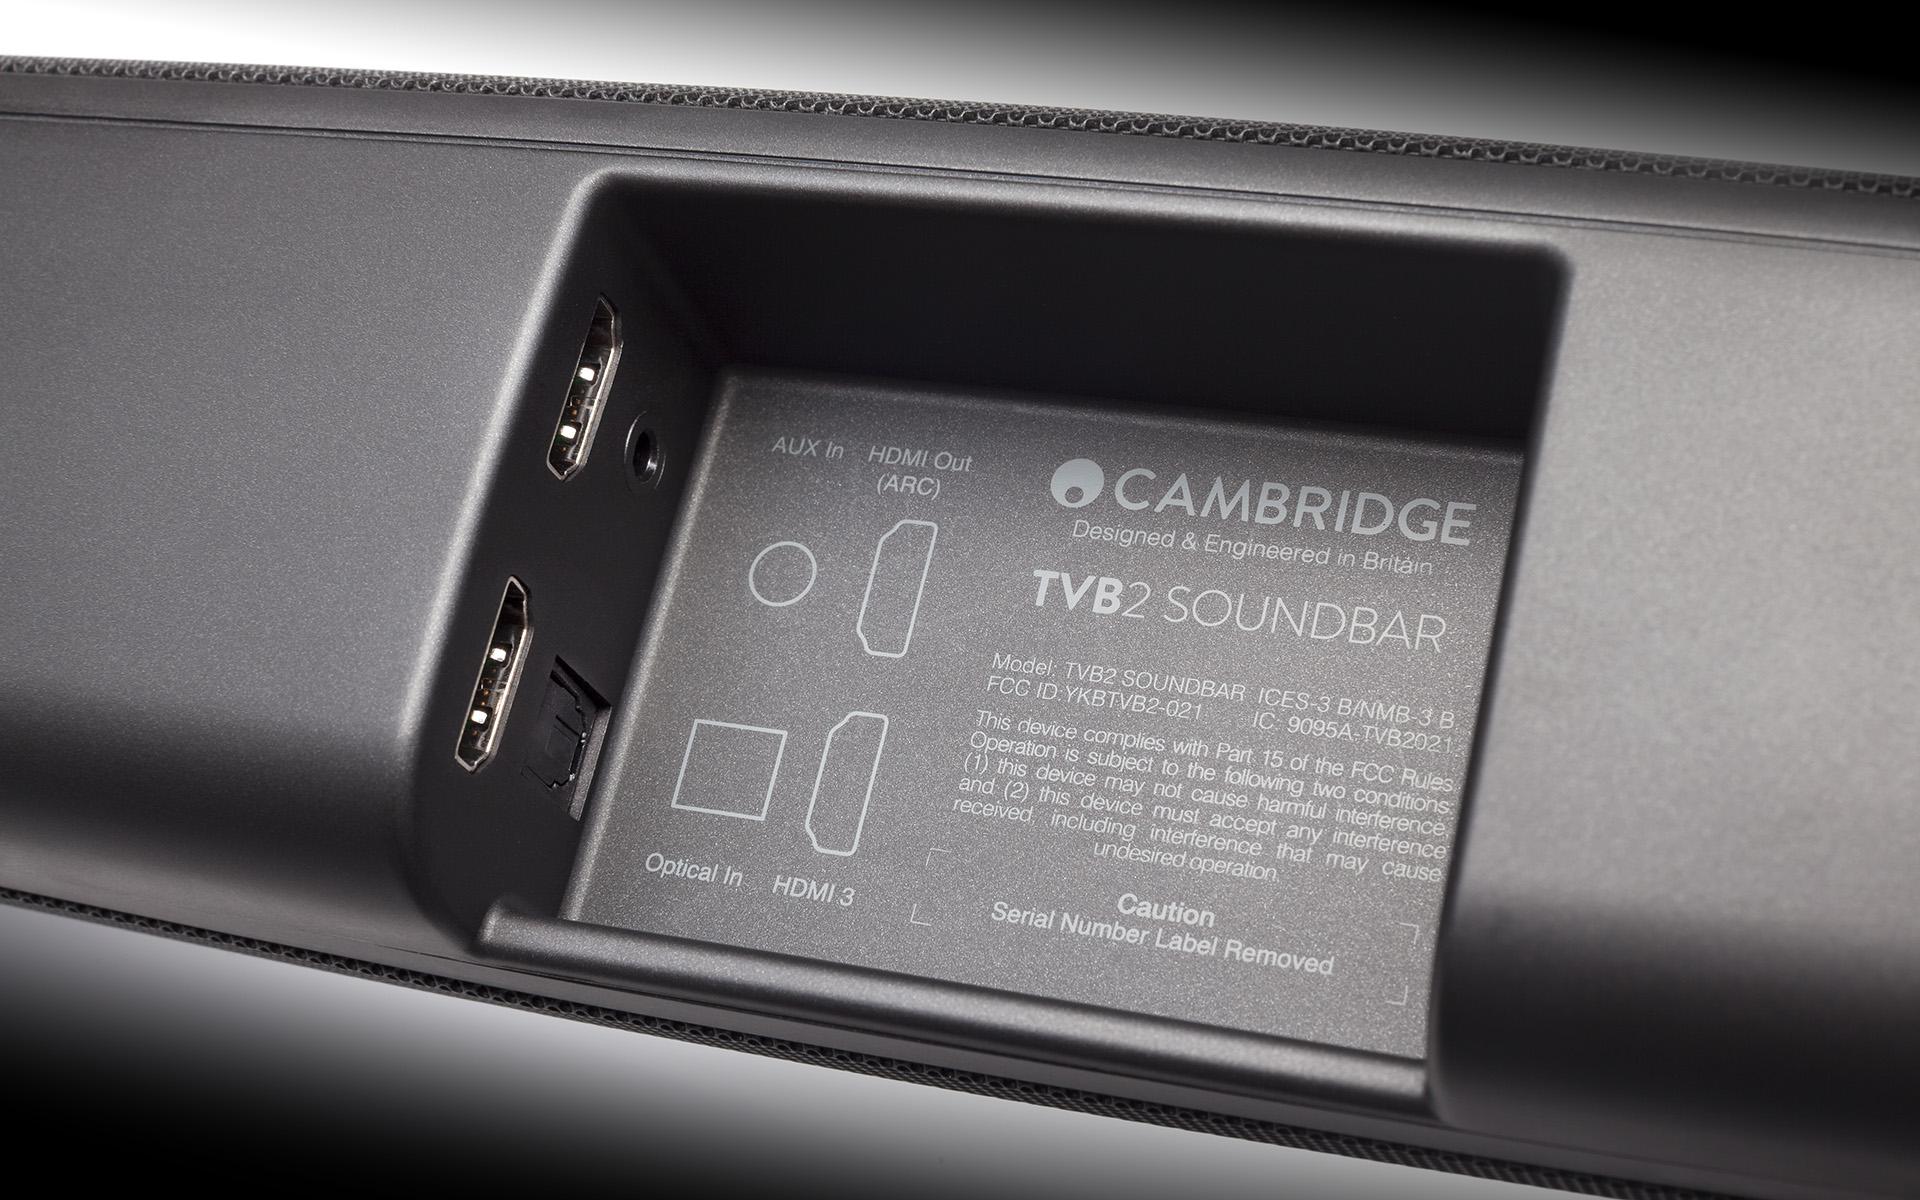 Кроме беспроводного подключения, у TVB2 имеется набор цифровых и аналоговых входов